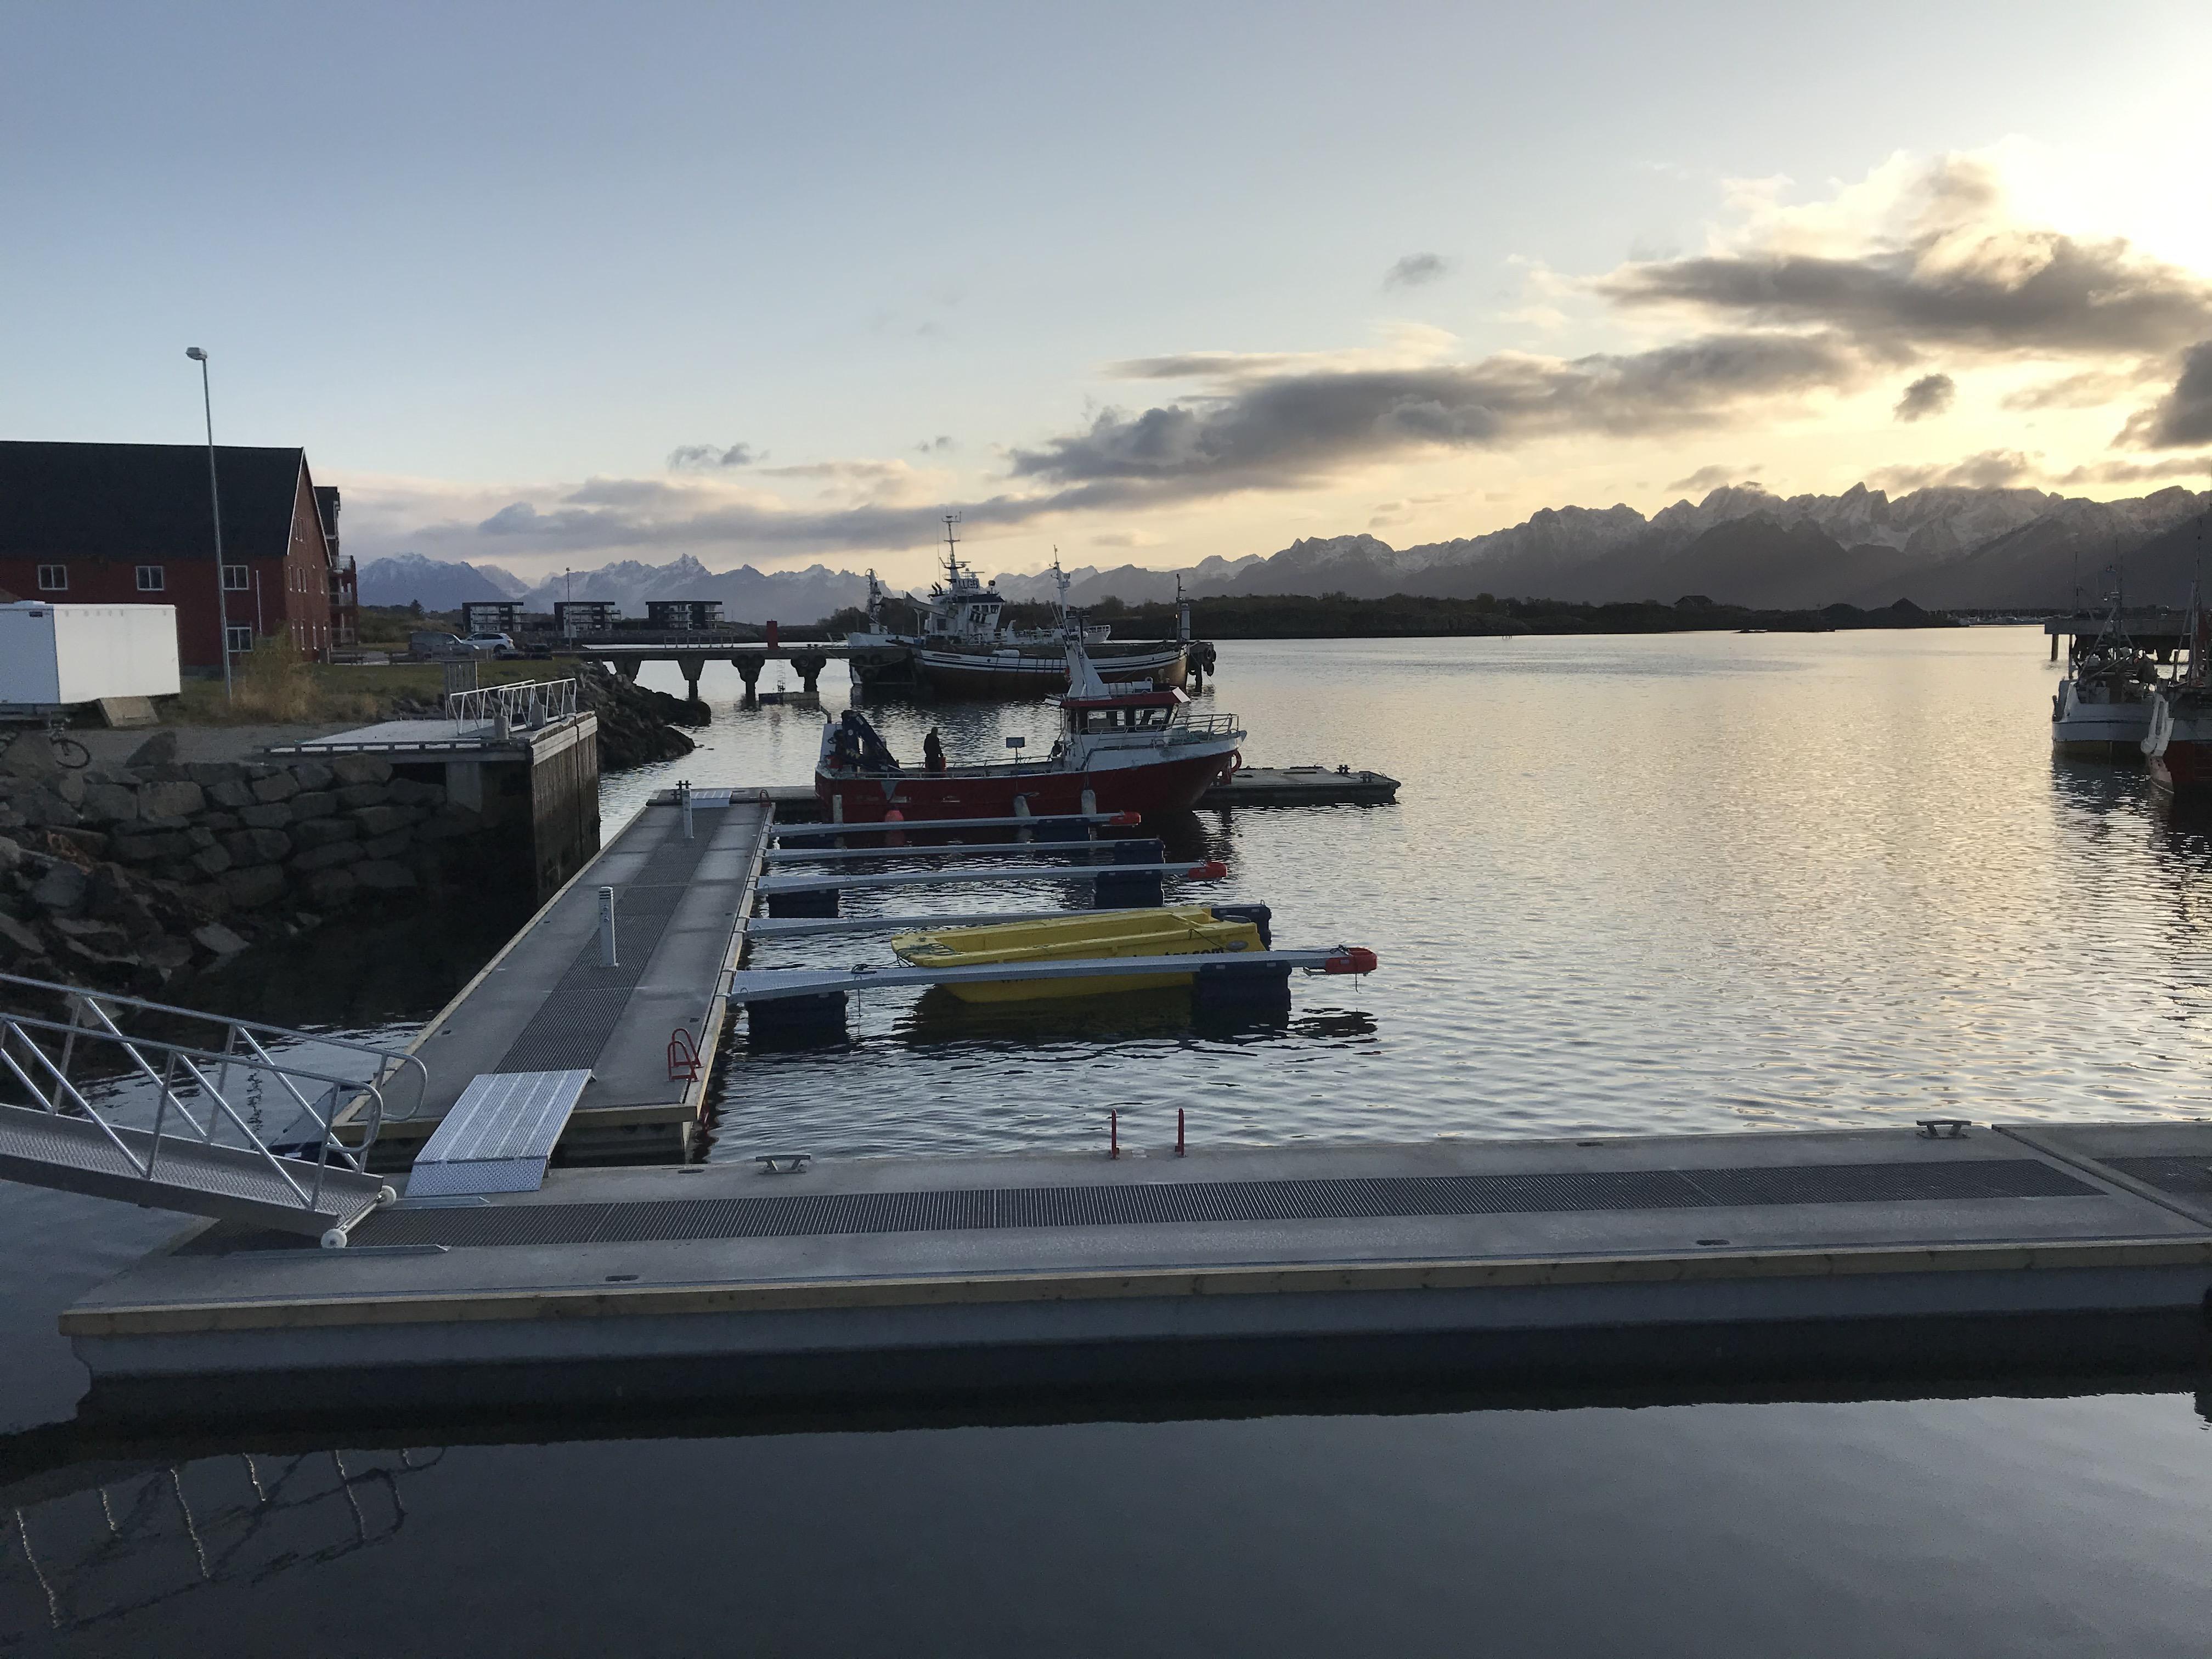 https://marinasolutions.no/uploads/Hadsel-havn-melbu-snøfrie-betongbrygger-marina-solutions-Tallykey-strømposter.jpg